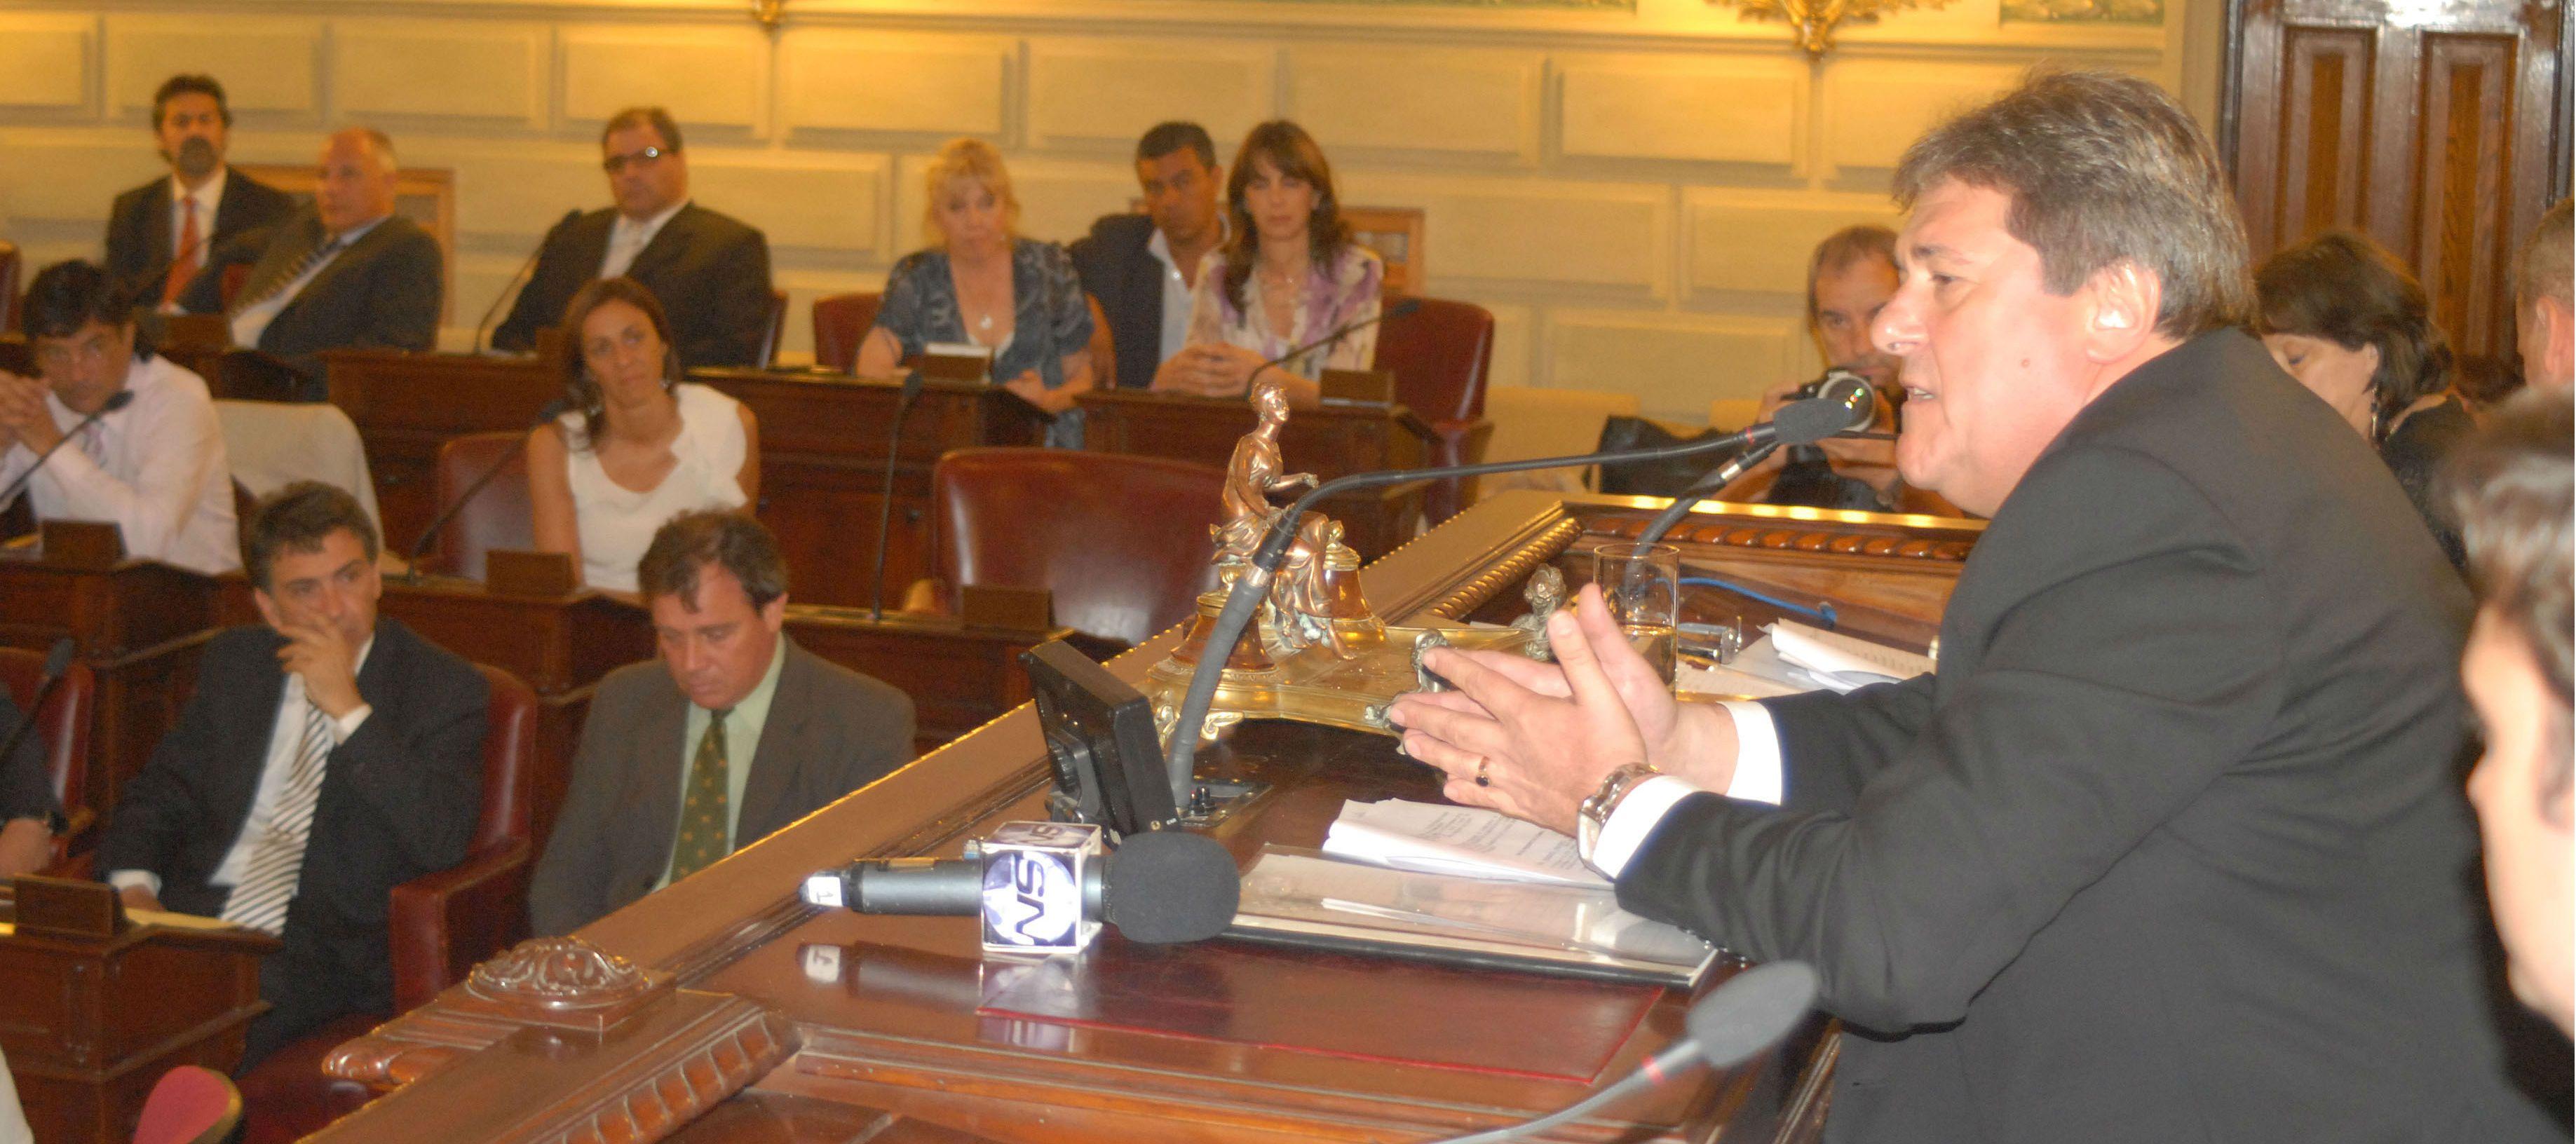 Rubeo adelantó que el 6 de septiembre se tratará el proyecto de reforma tributaria en Diputados.